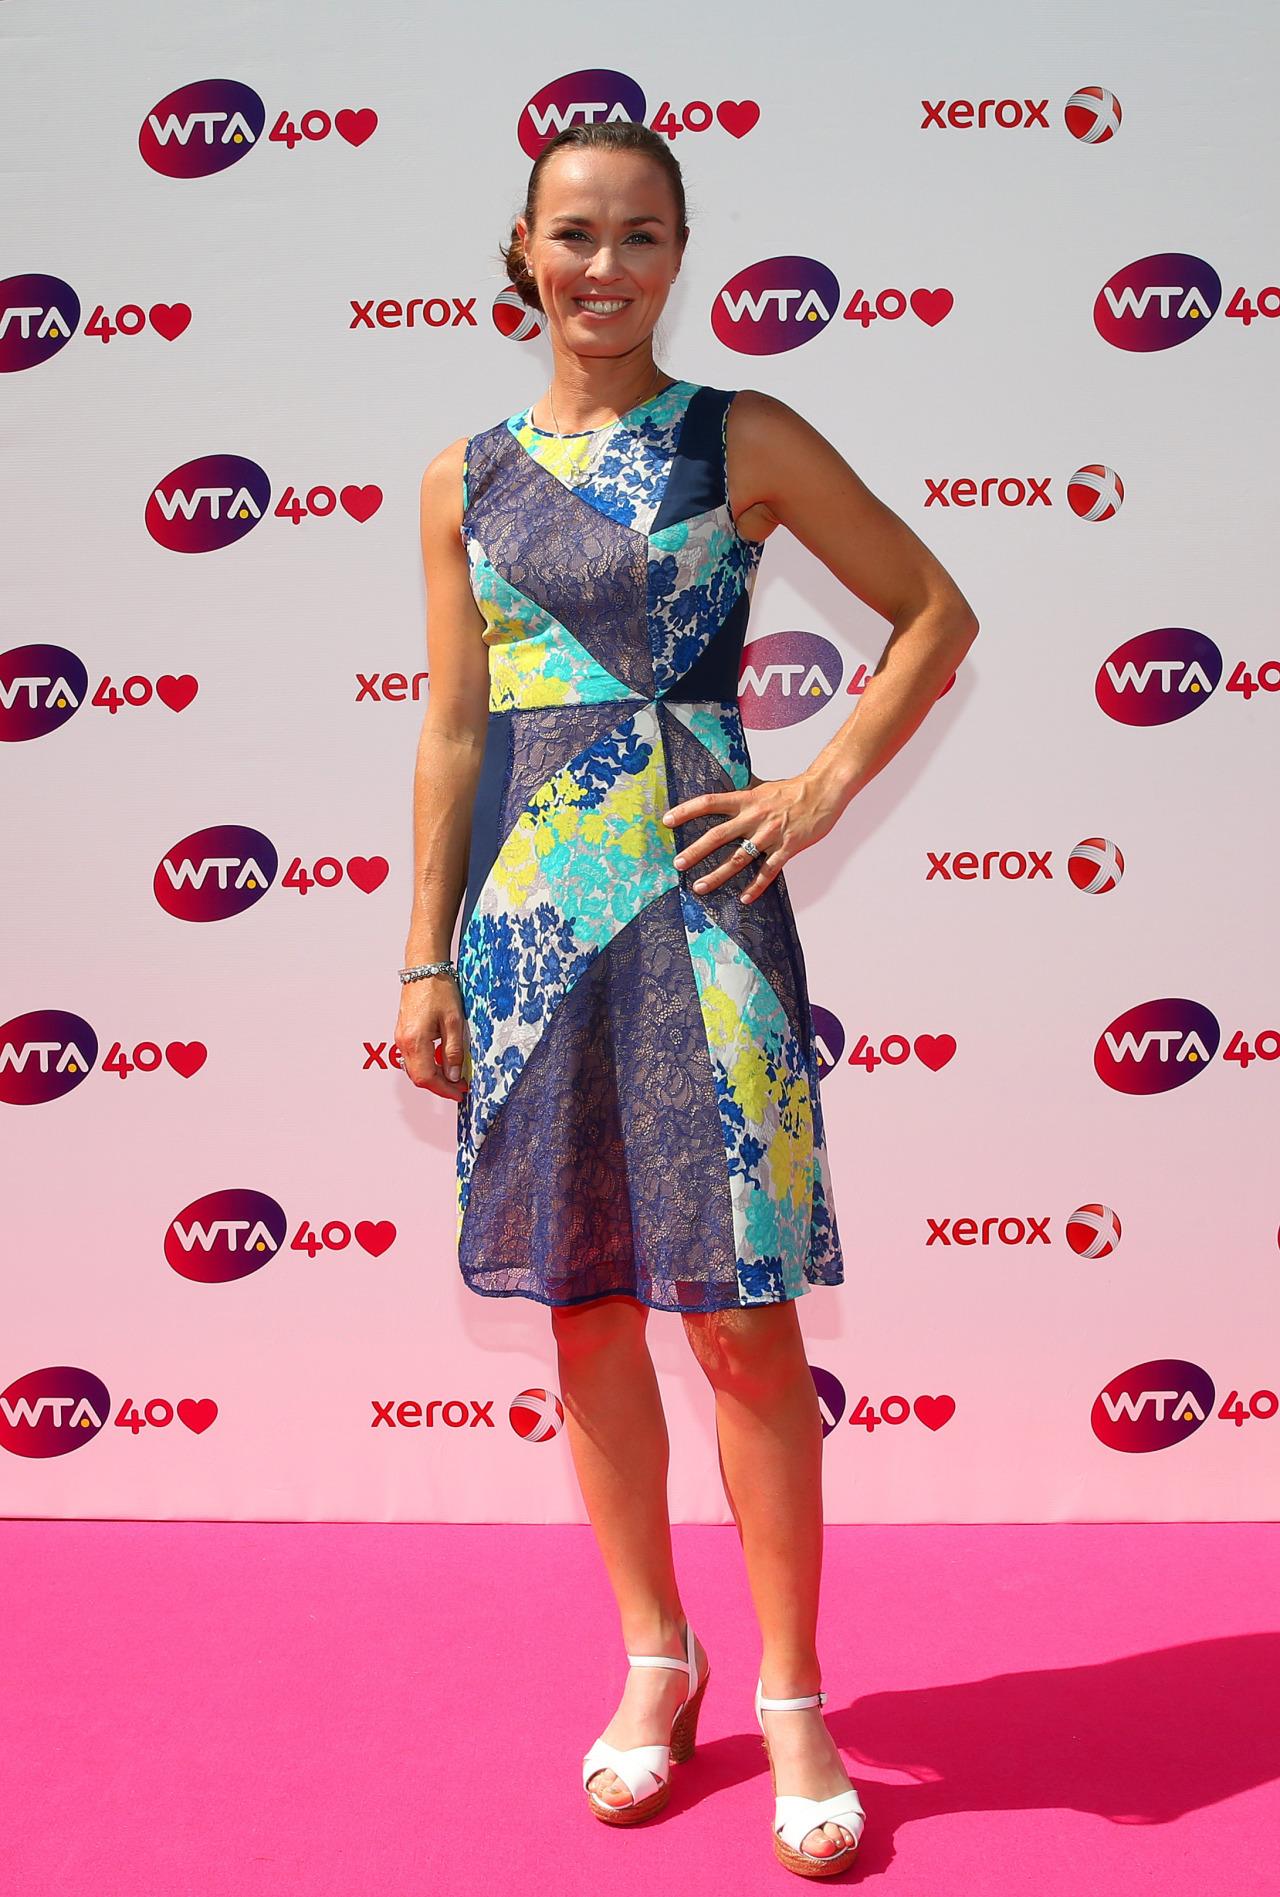 Top 50 Martina Hingis Photos and Wallpapers -